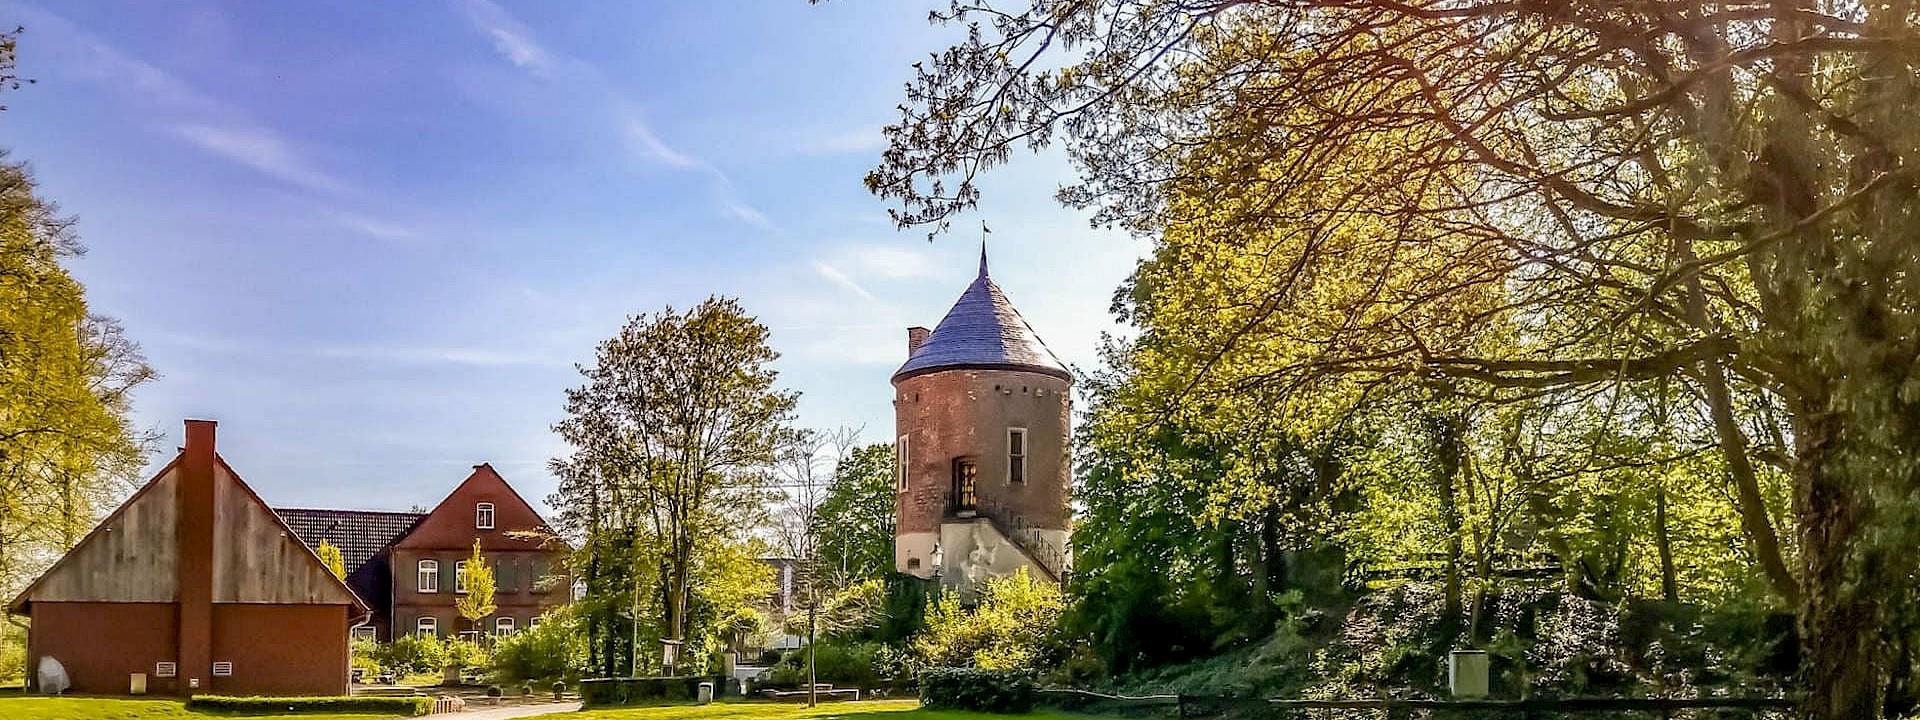 Schlösser- und Burgentag Münsterland 21. Juni 2020